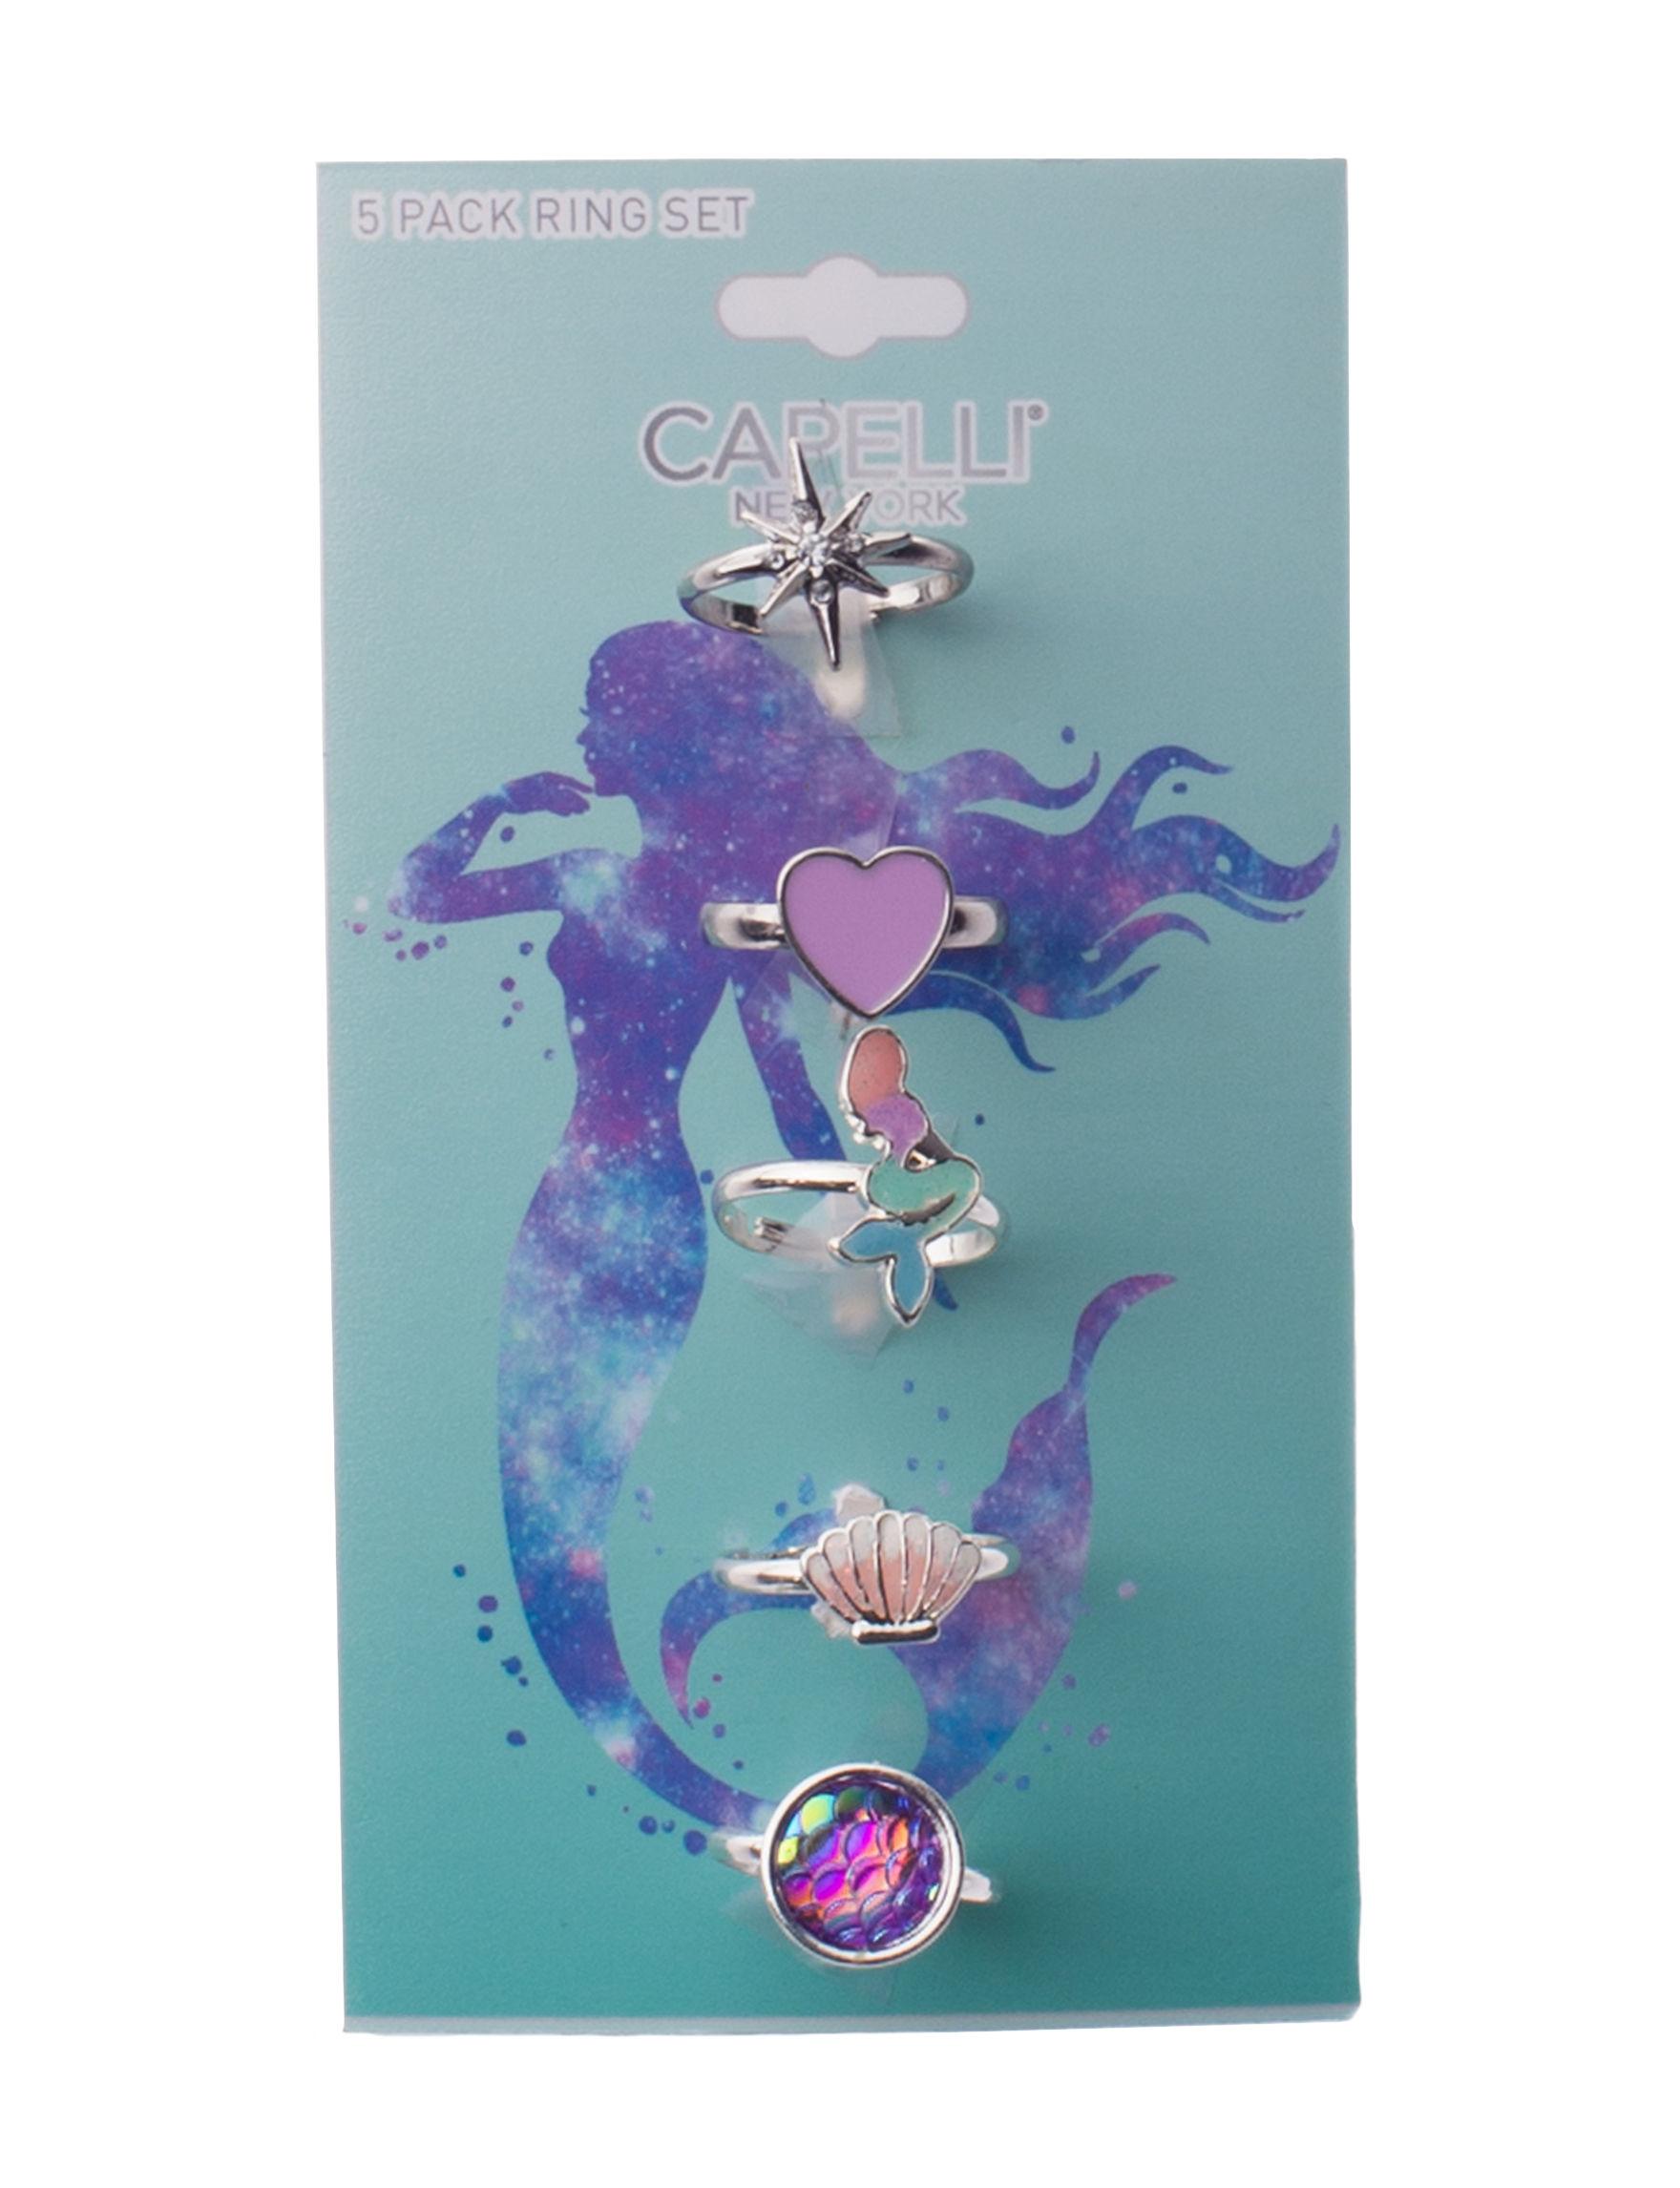 Capelli Silver / Multi